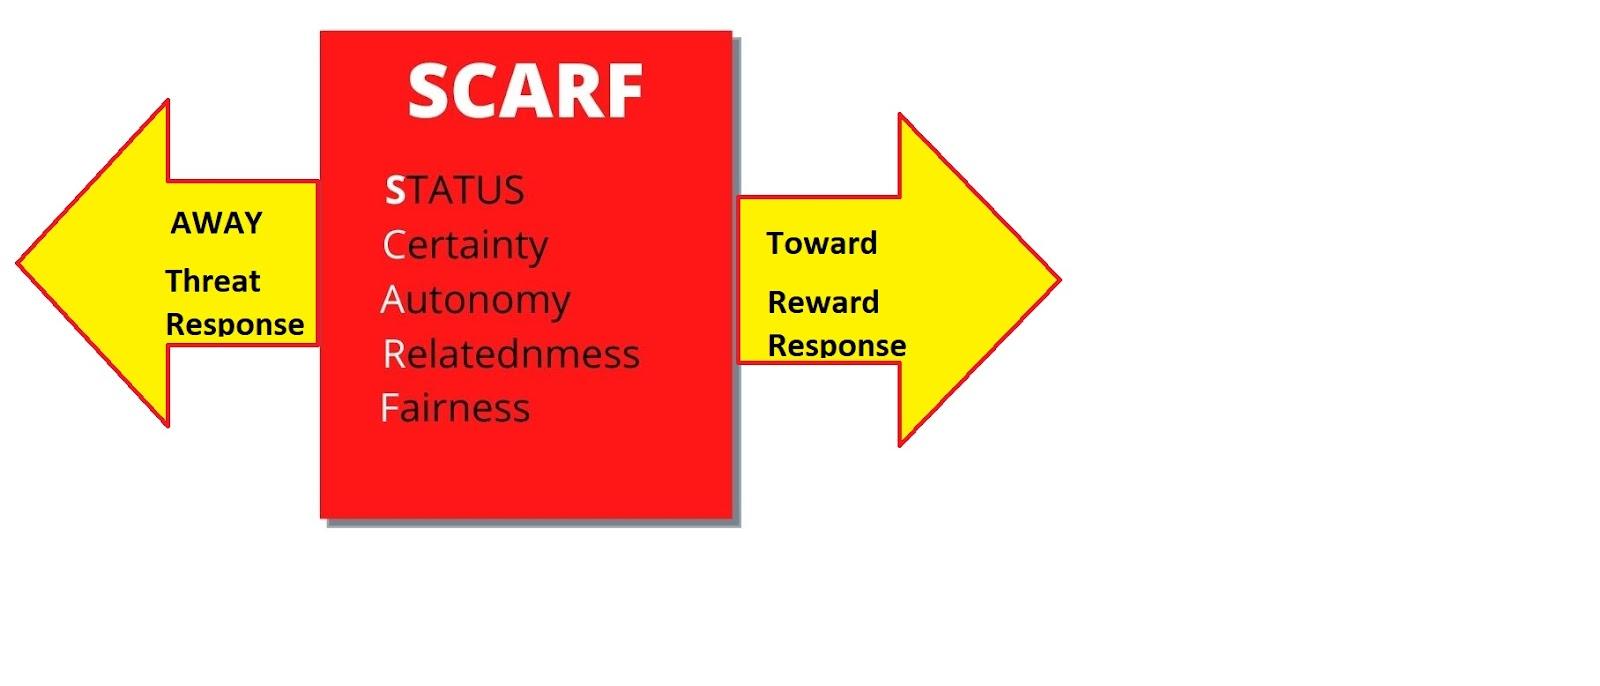 David Rock's Scarf Model